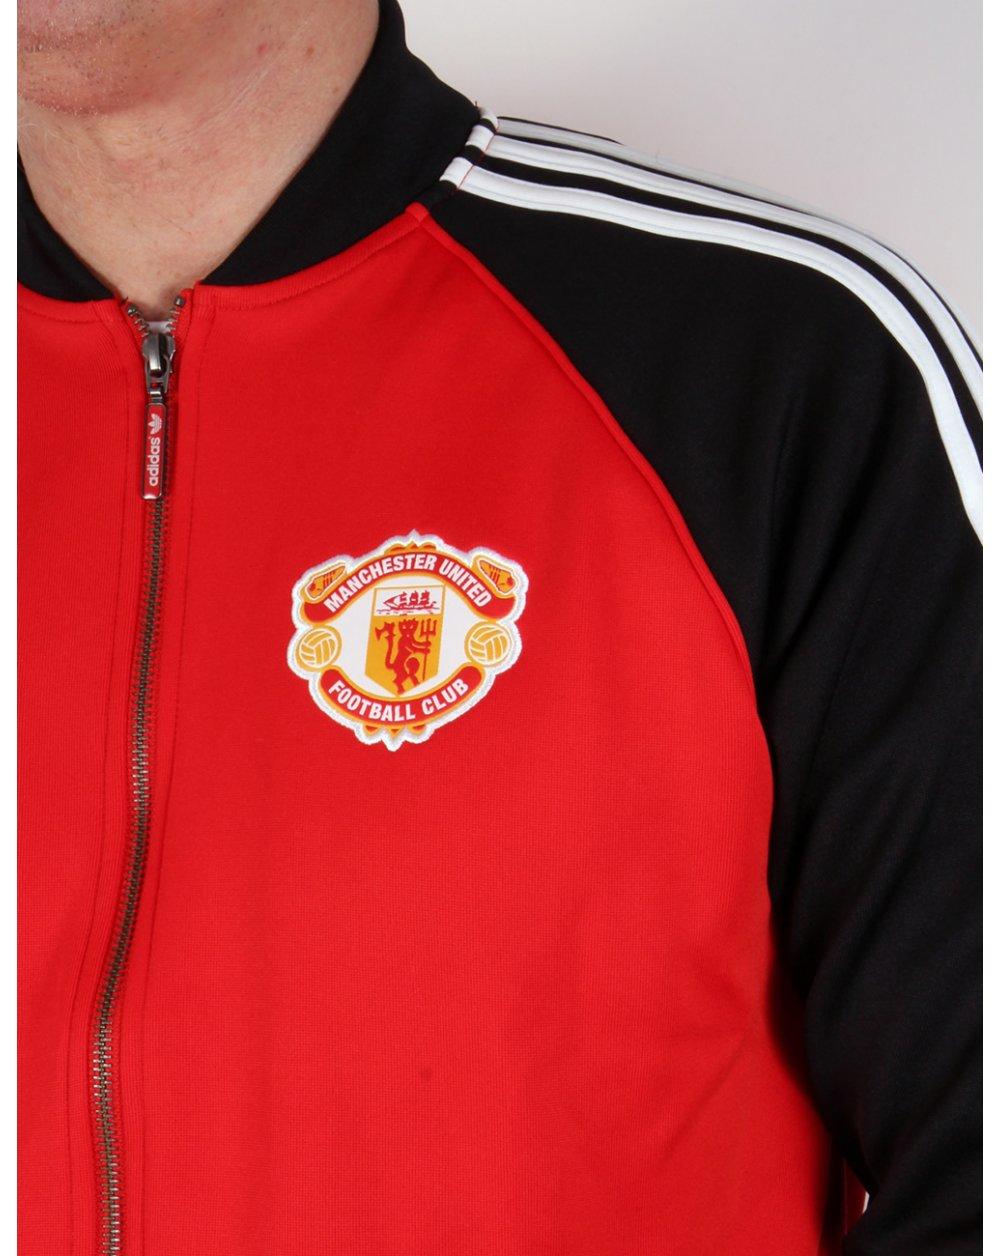 low priced 4b68b 84f4d Man Utd Retro T Shirts | Azərbaycan Dillər Universiteti